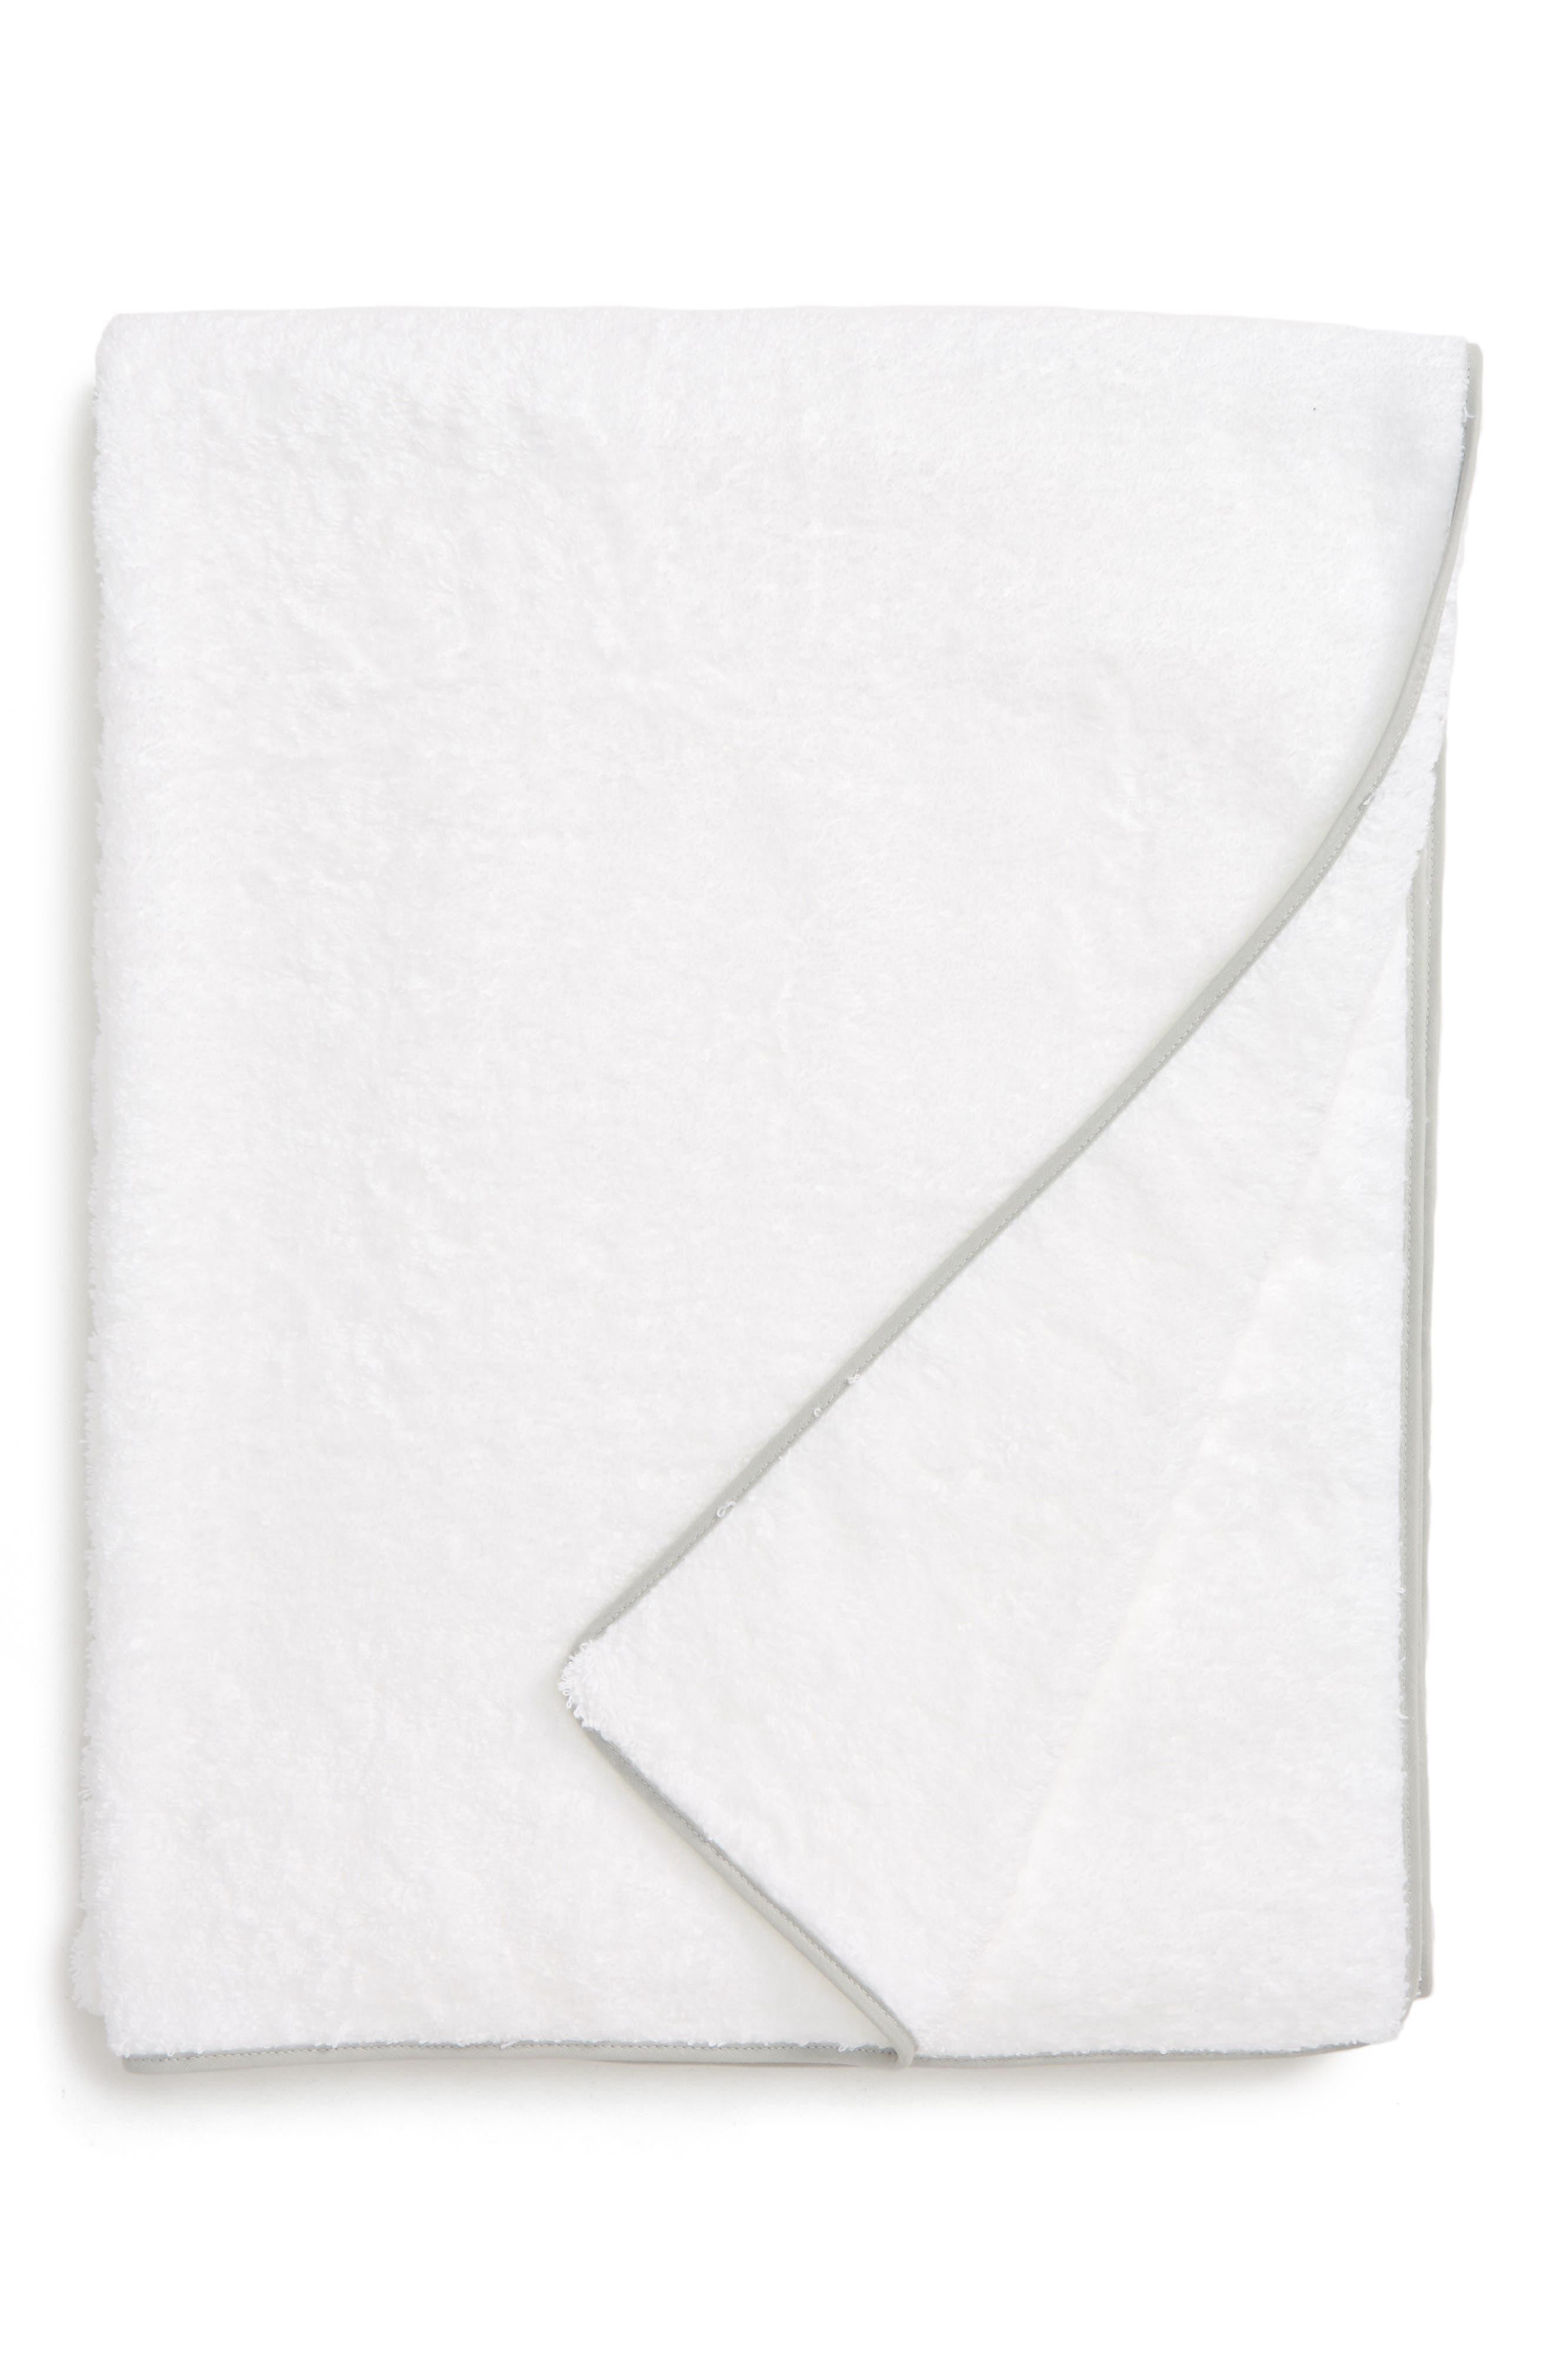 Alternate Image 1 Selected - Matouk Cairo Spa Towel